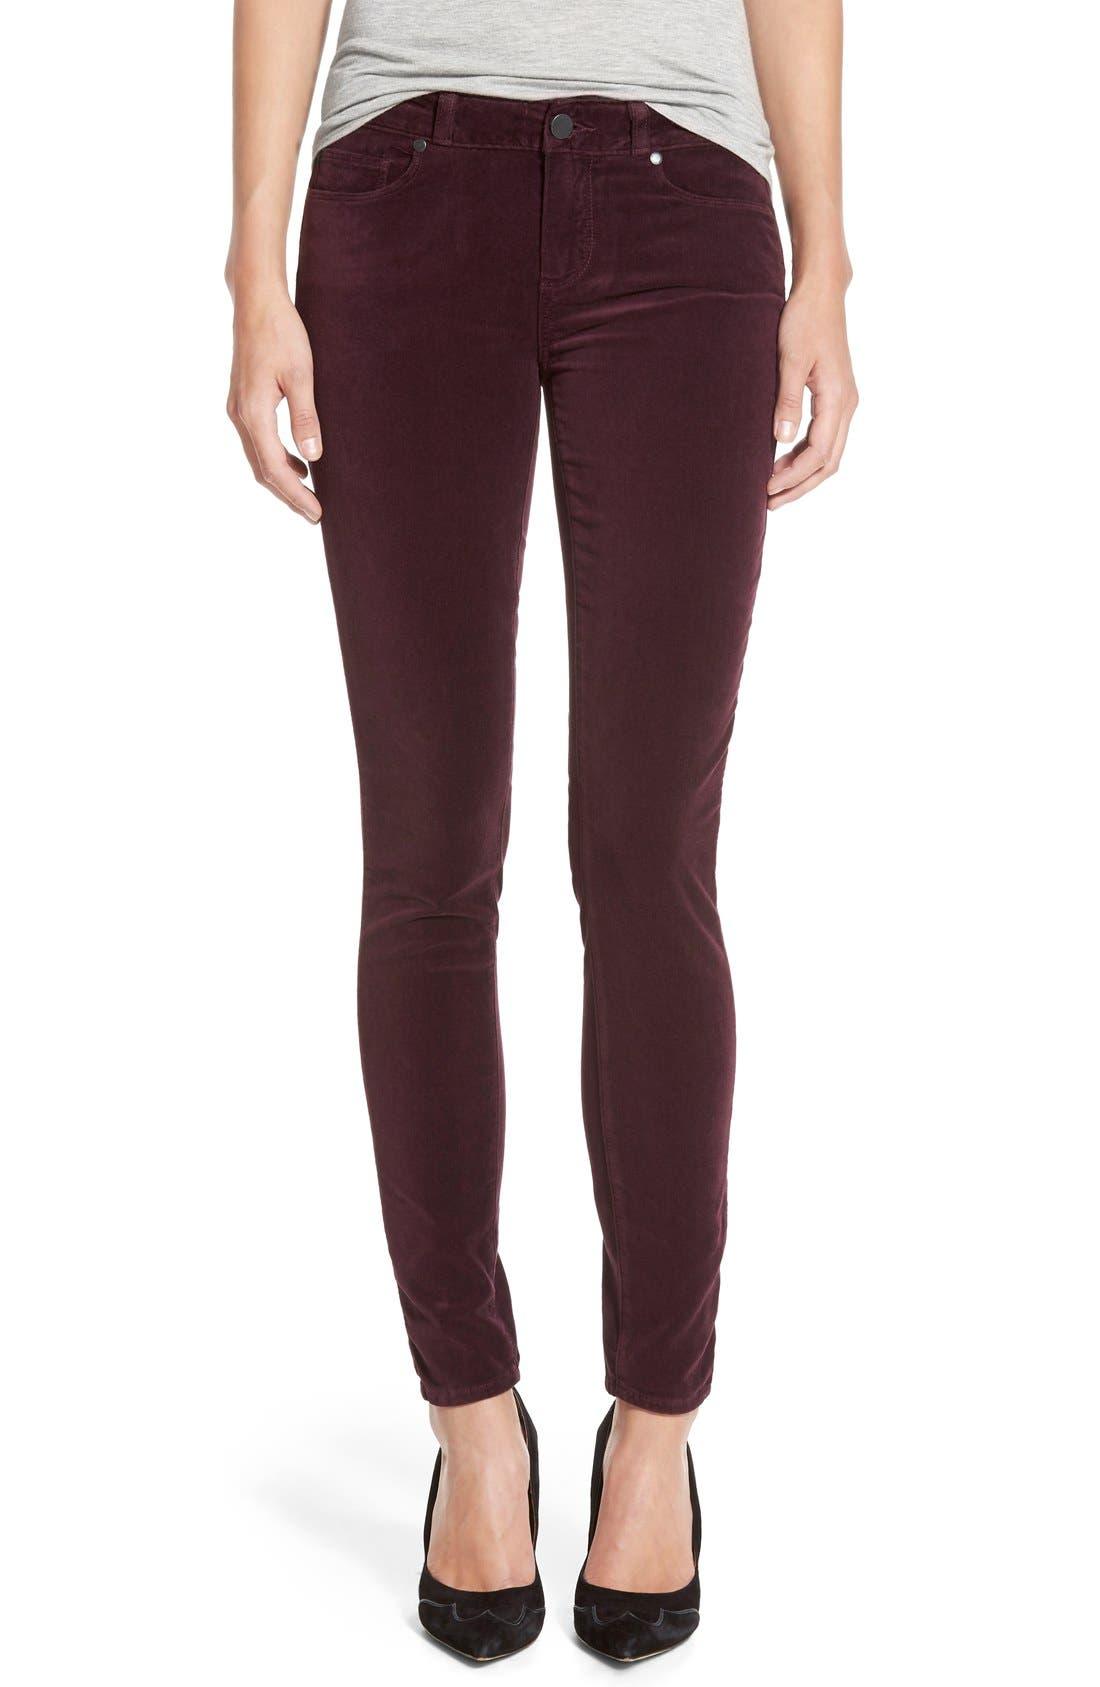 Alternate Image 1 Selected - Paige Denim 'Verdugo' Velvet Ultra Skinny Jeans (Juliet)